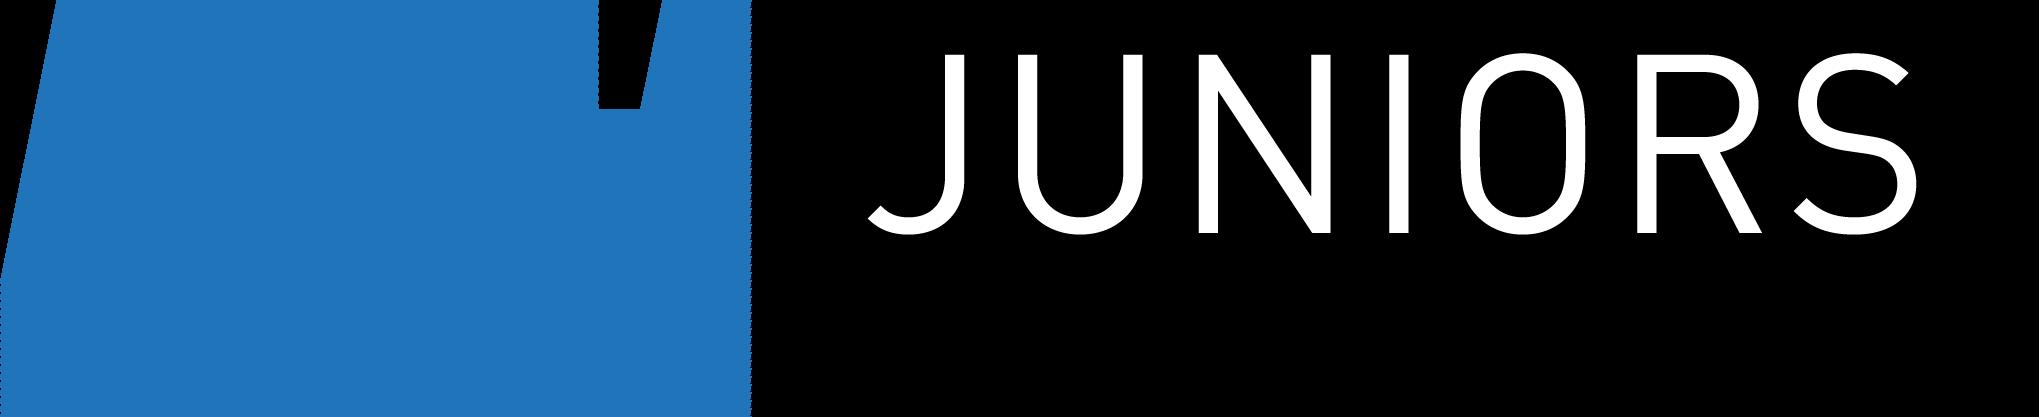 eth_juniors_logo2015.png